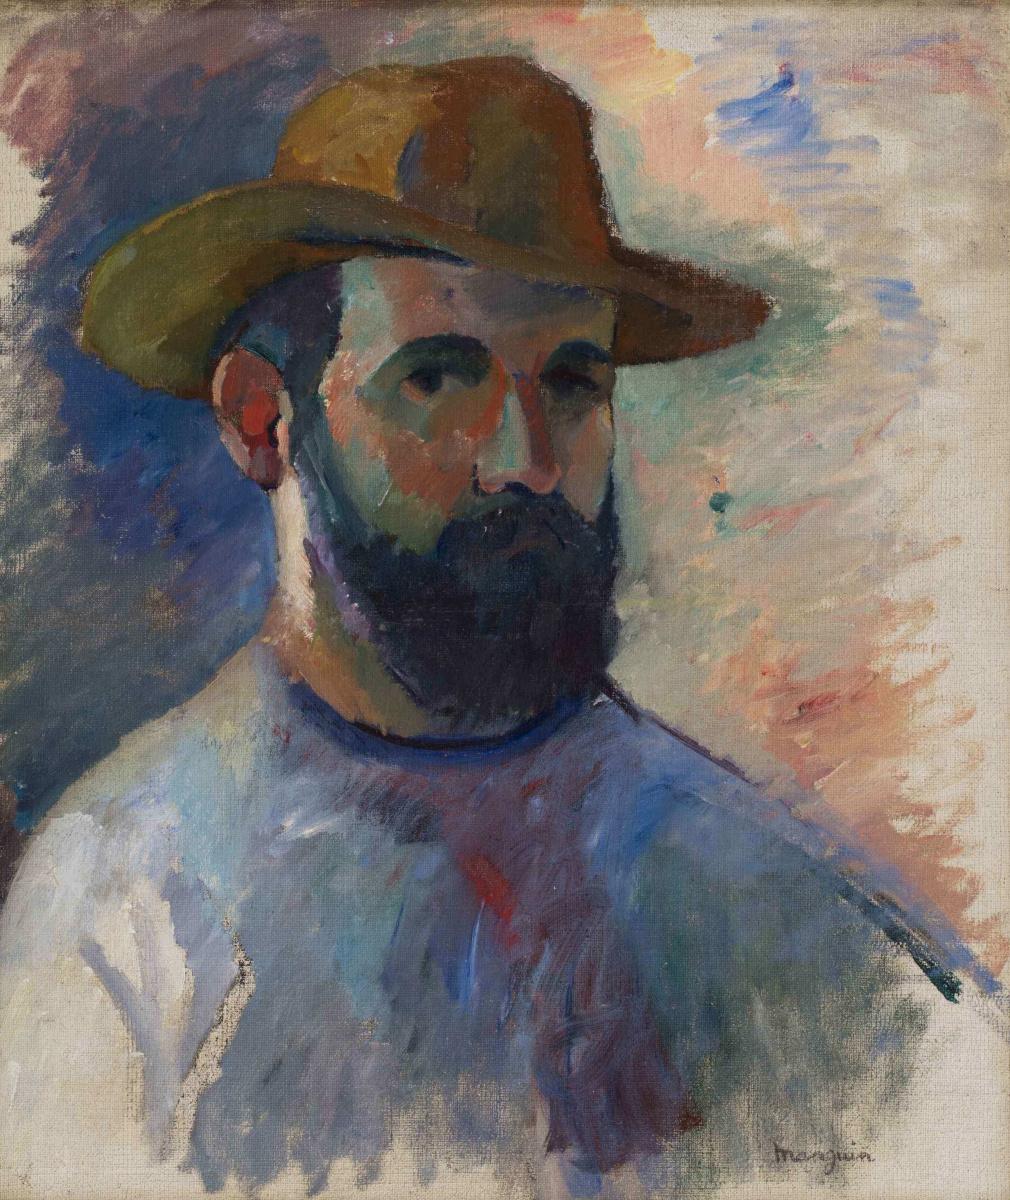 Henri Manguin. Self-portrait